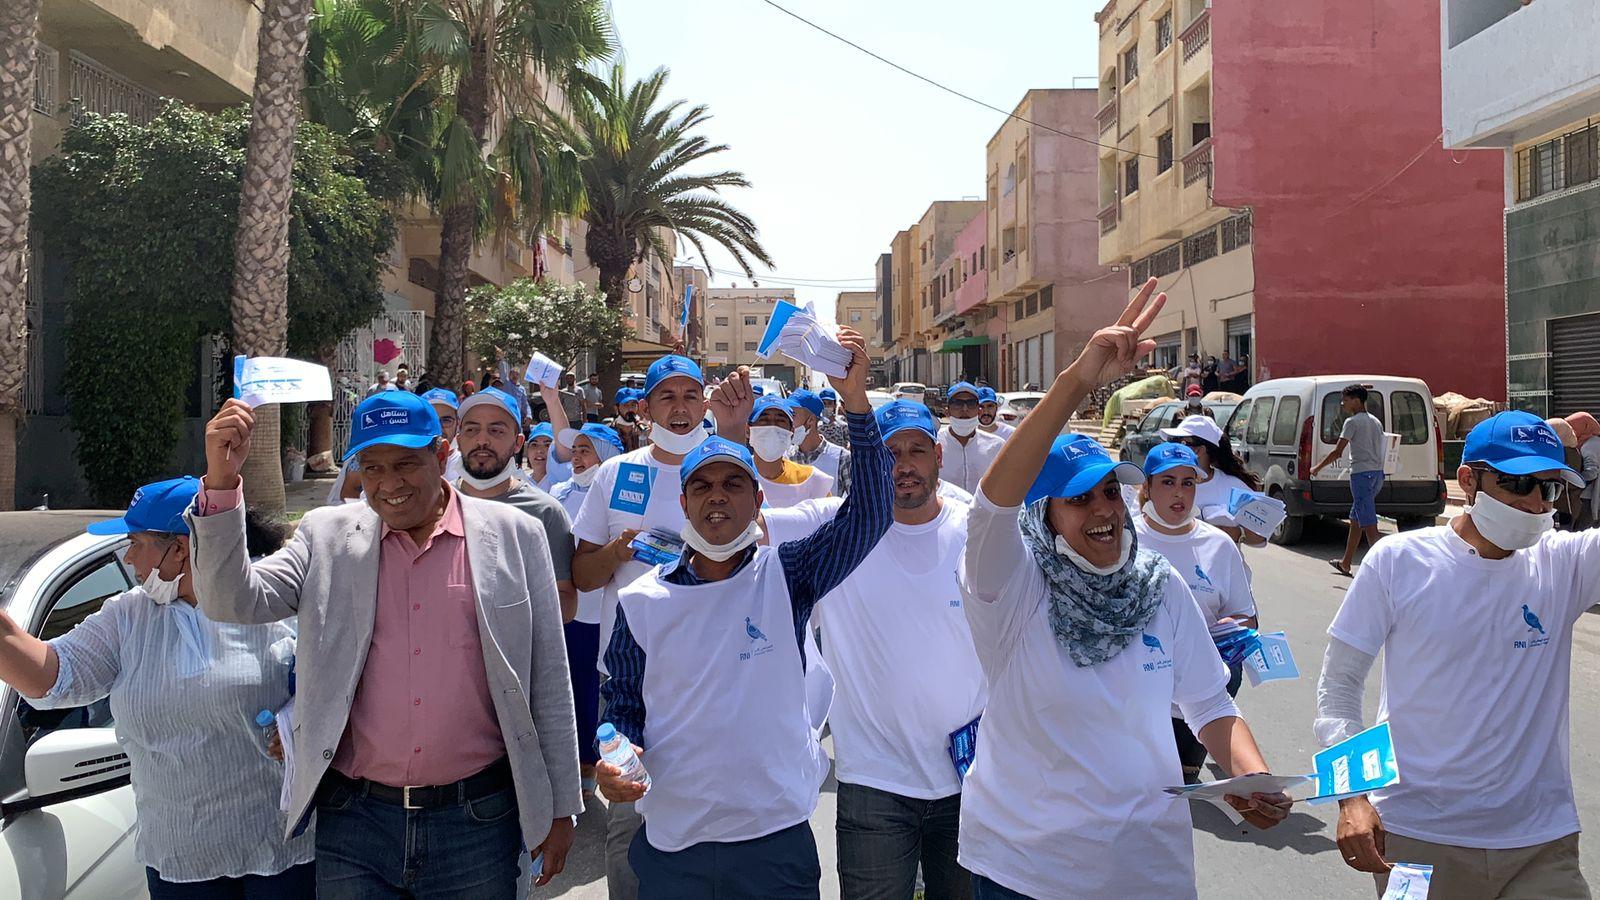 التنسيقية الإقليمية للأحرار بالجديدة تنفي وجود أي حالة اعتقال في صفوف مرشحيها بمدينة البئر الجديد